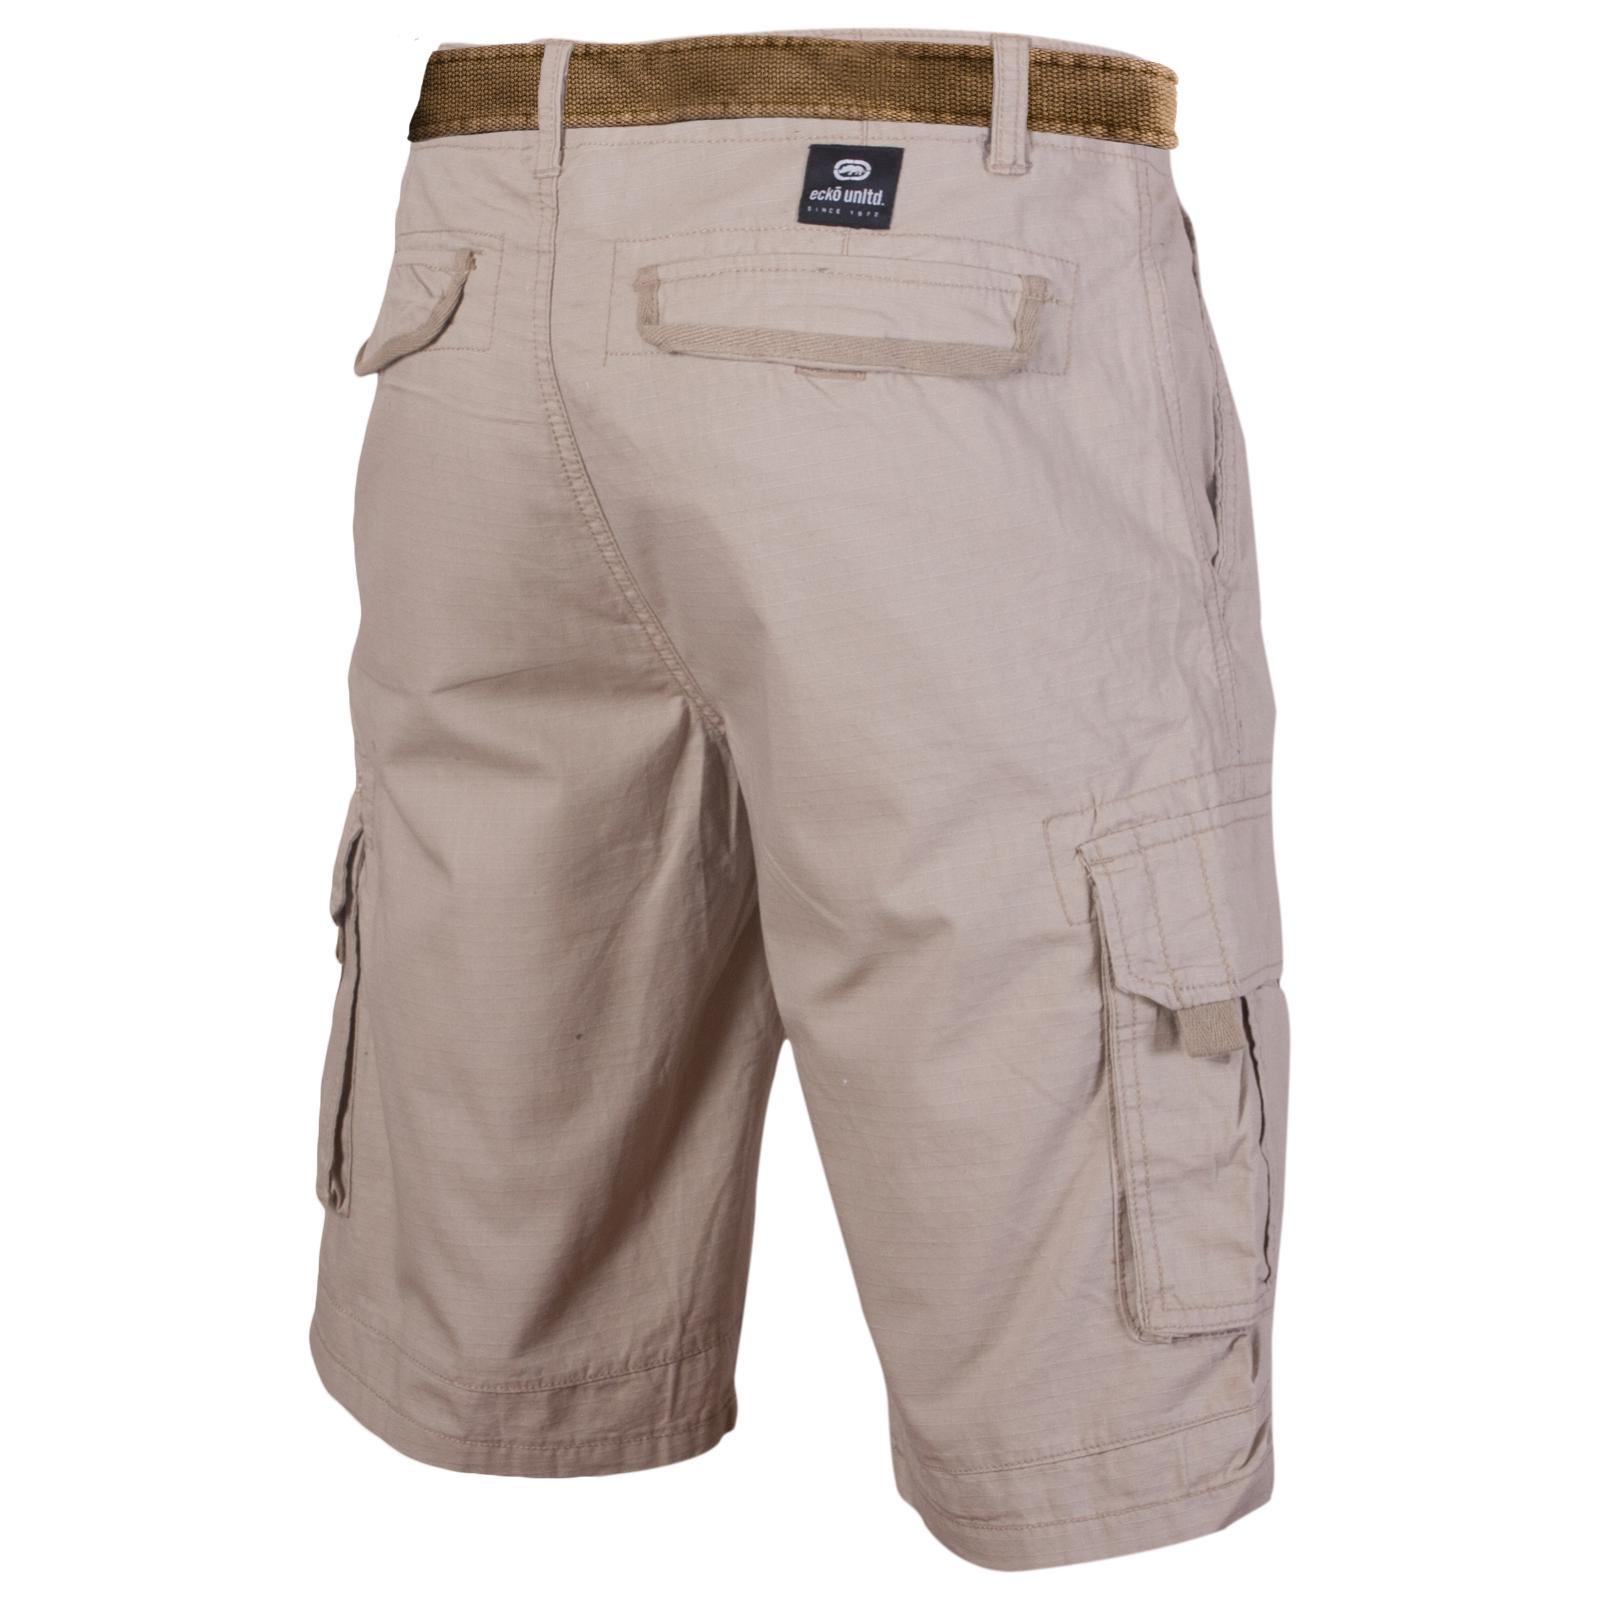 Мужские классические шорты - купить в интернет-магазине